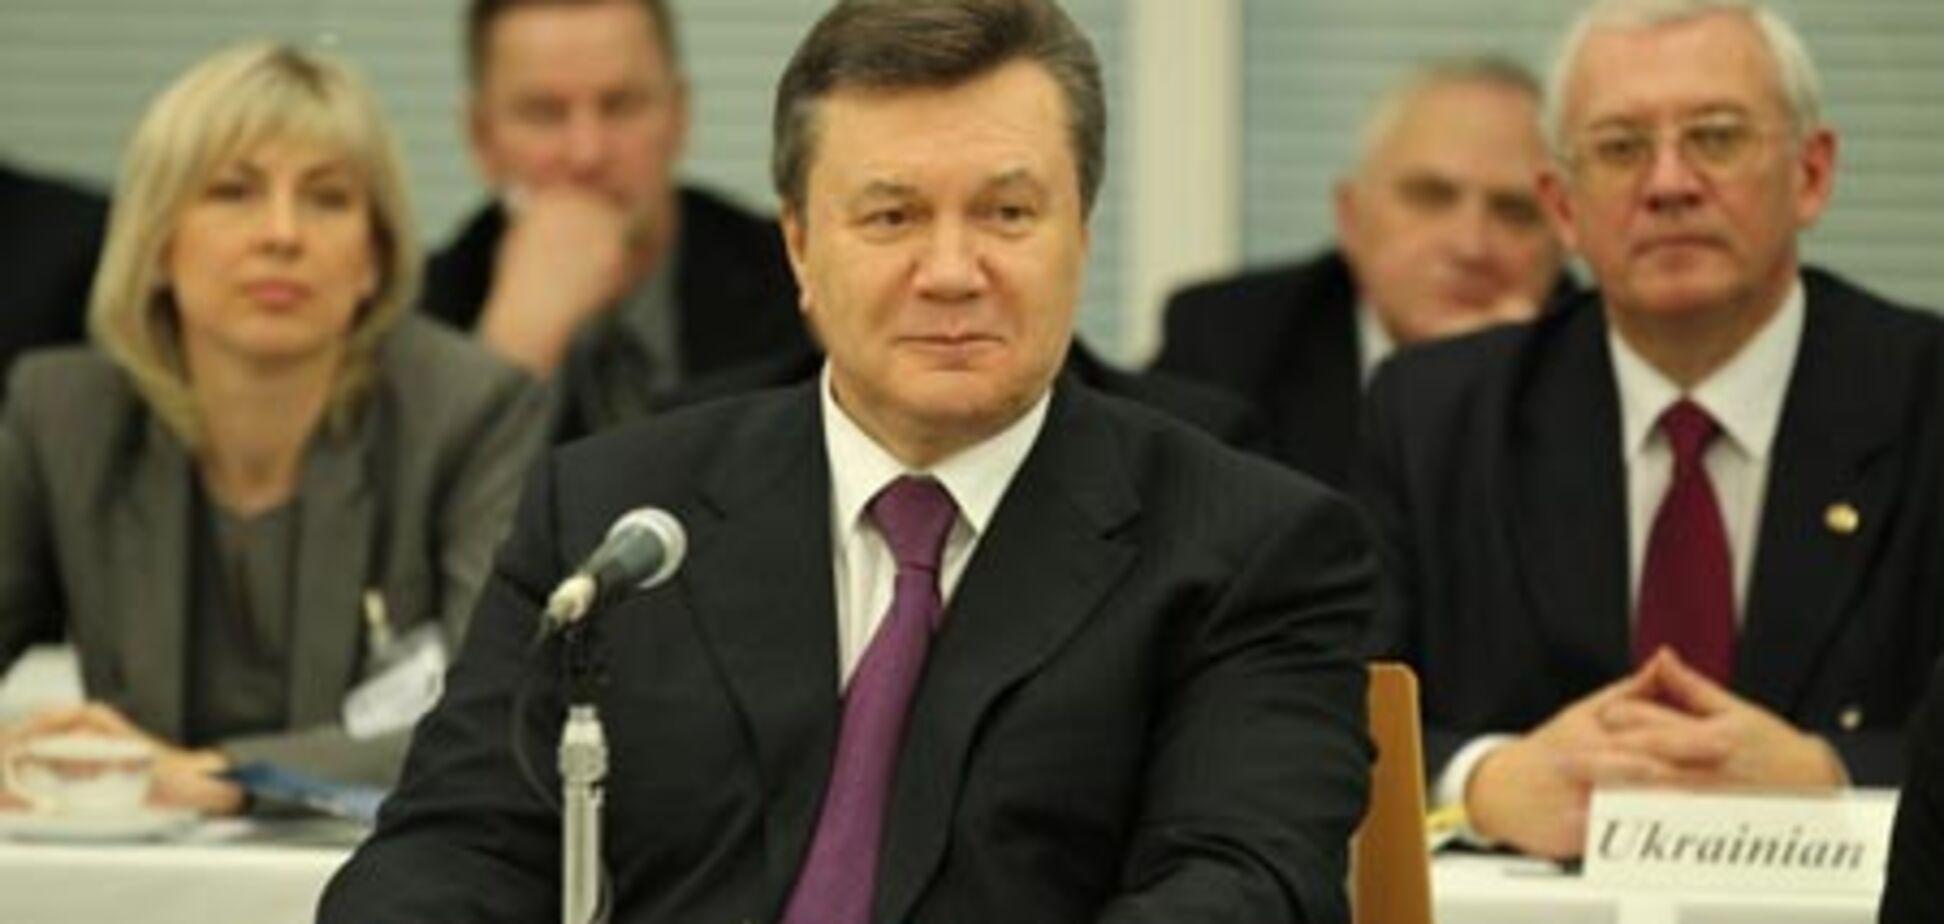 Янукович: Ми відкриті для японського бізнесу на всіх рівнях